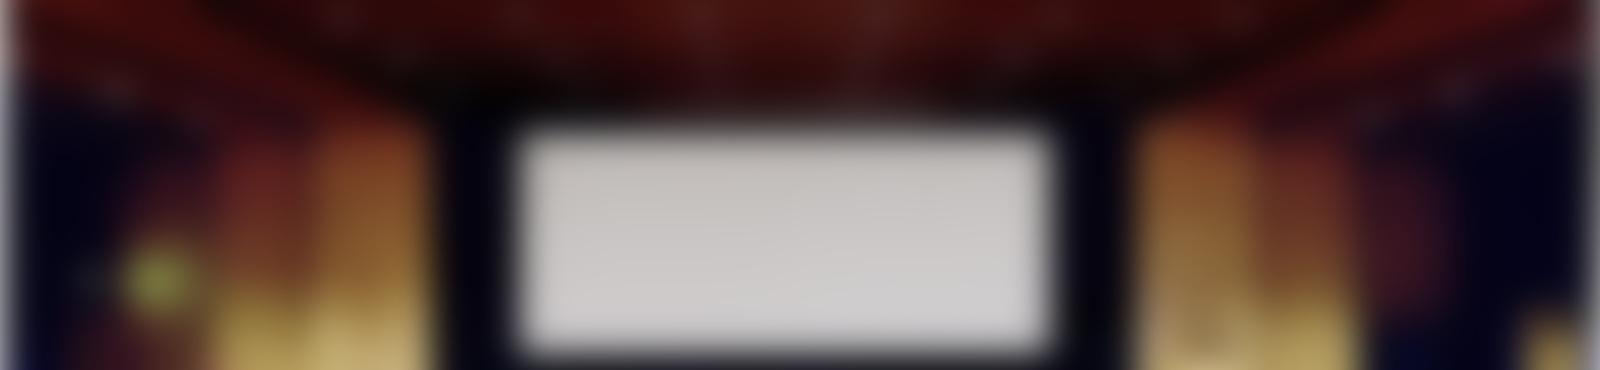 Blurred hoefer 2